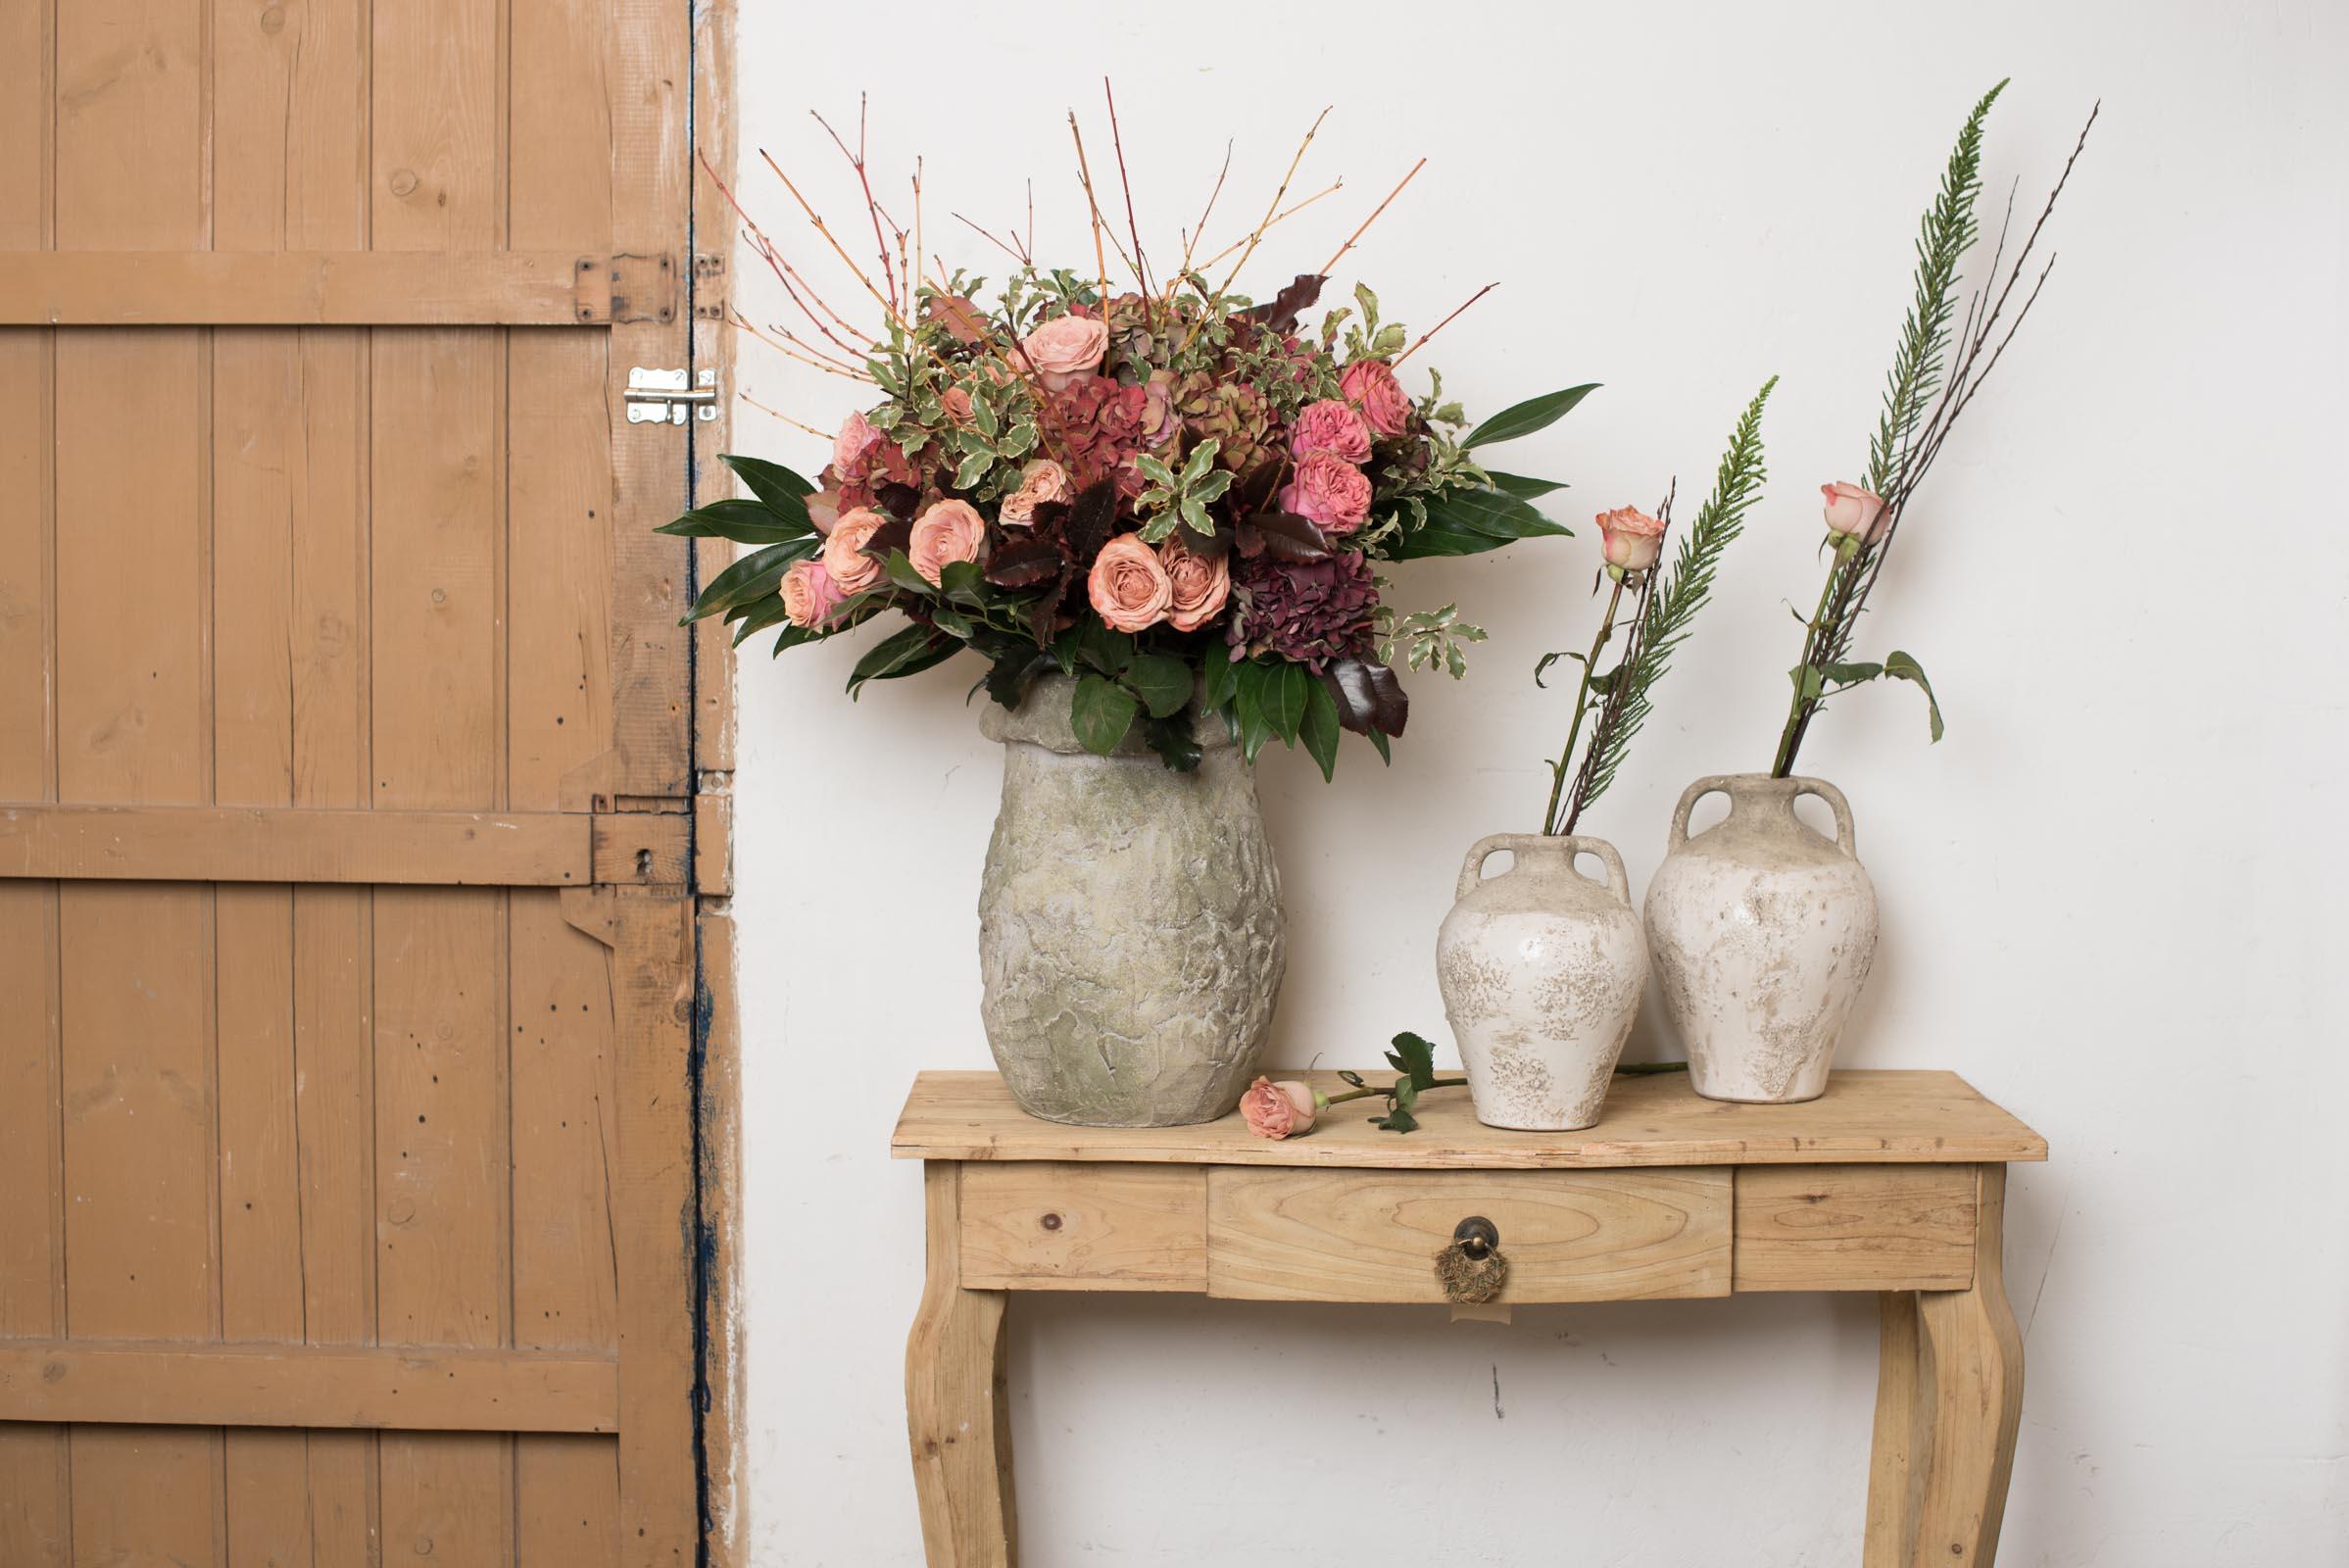 Ramo de rosas en jarrones de cerámica - Margarita Se Llama Mi Amor - Floristería en Madrid